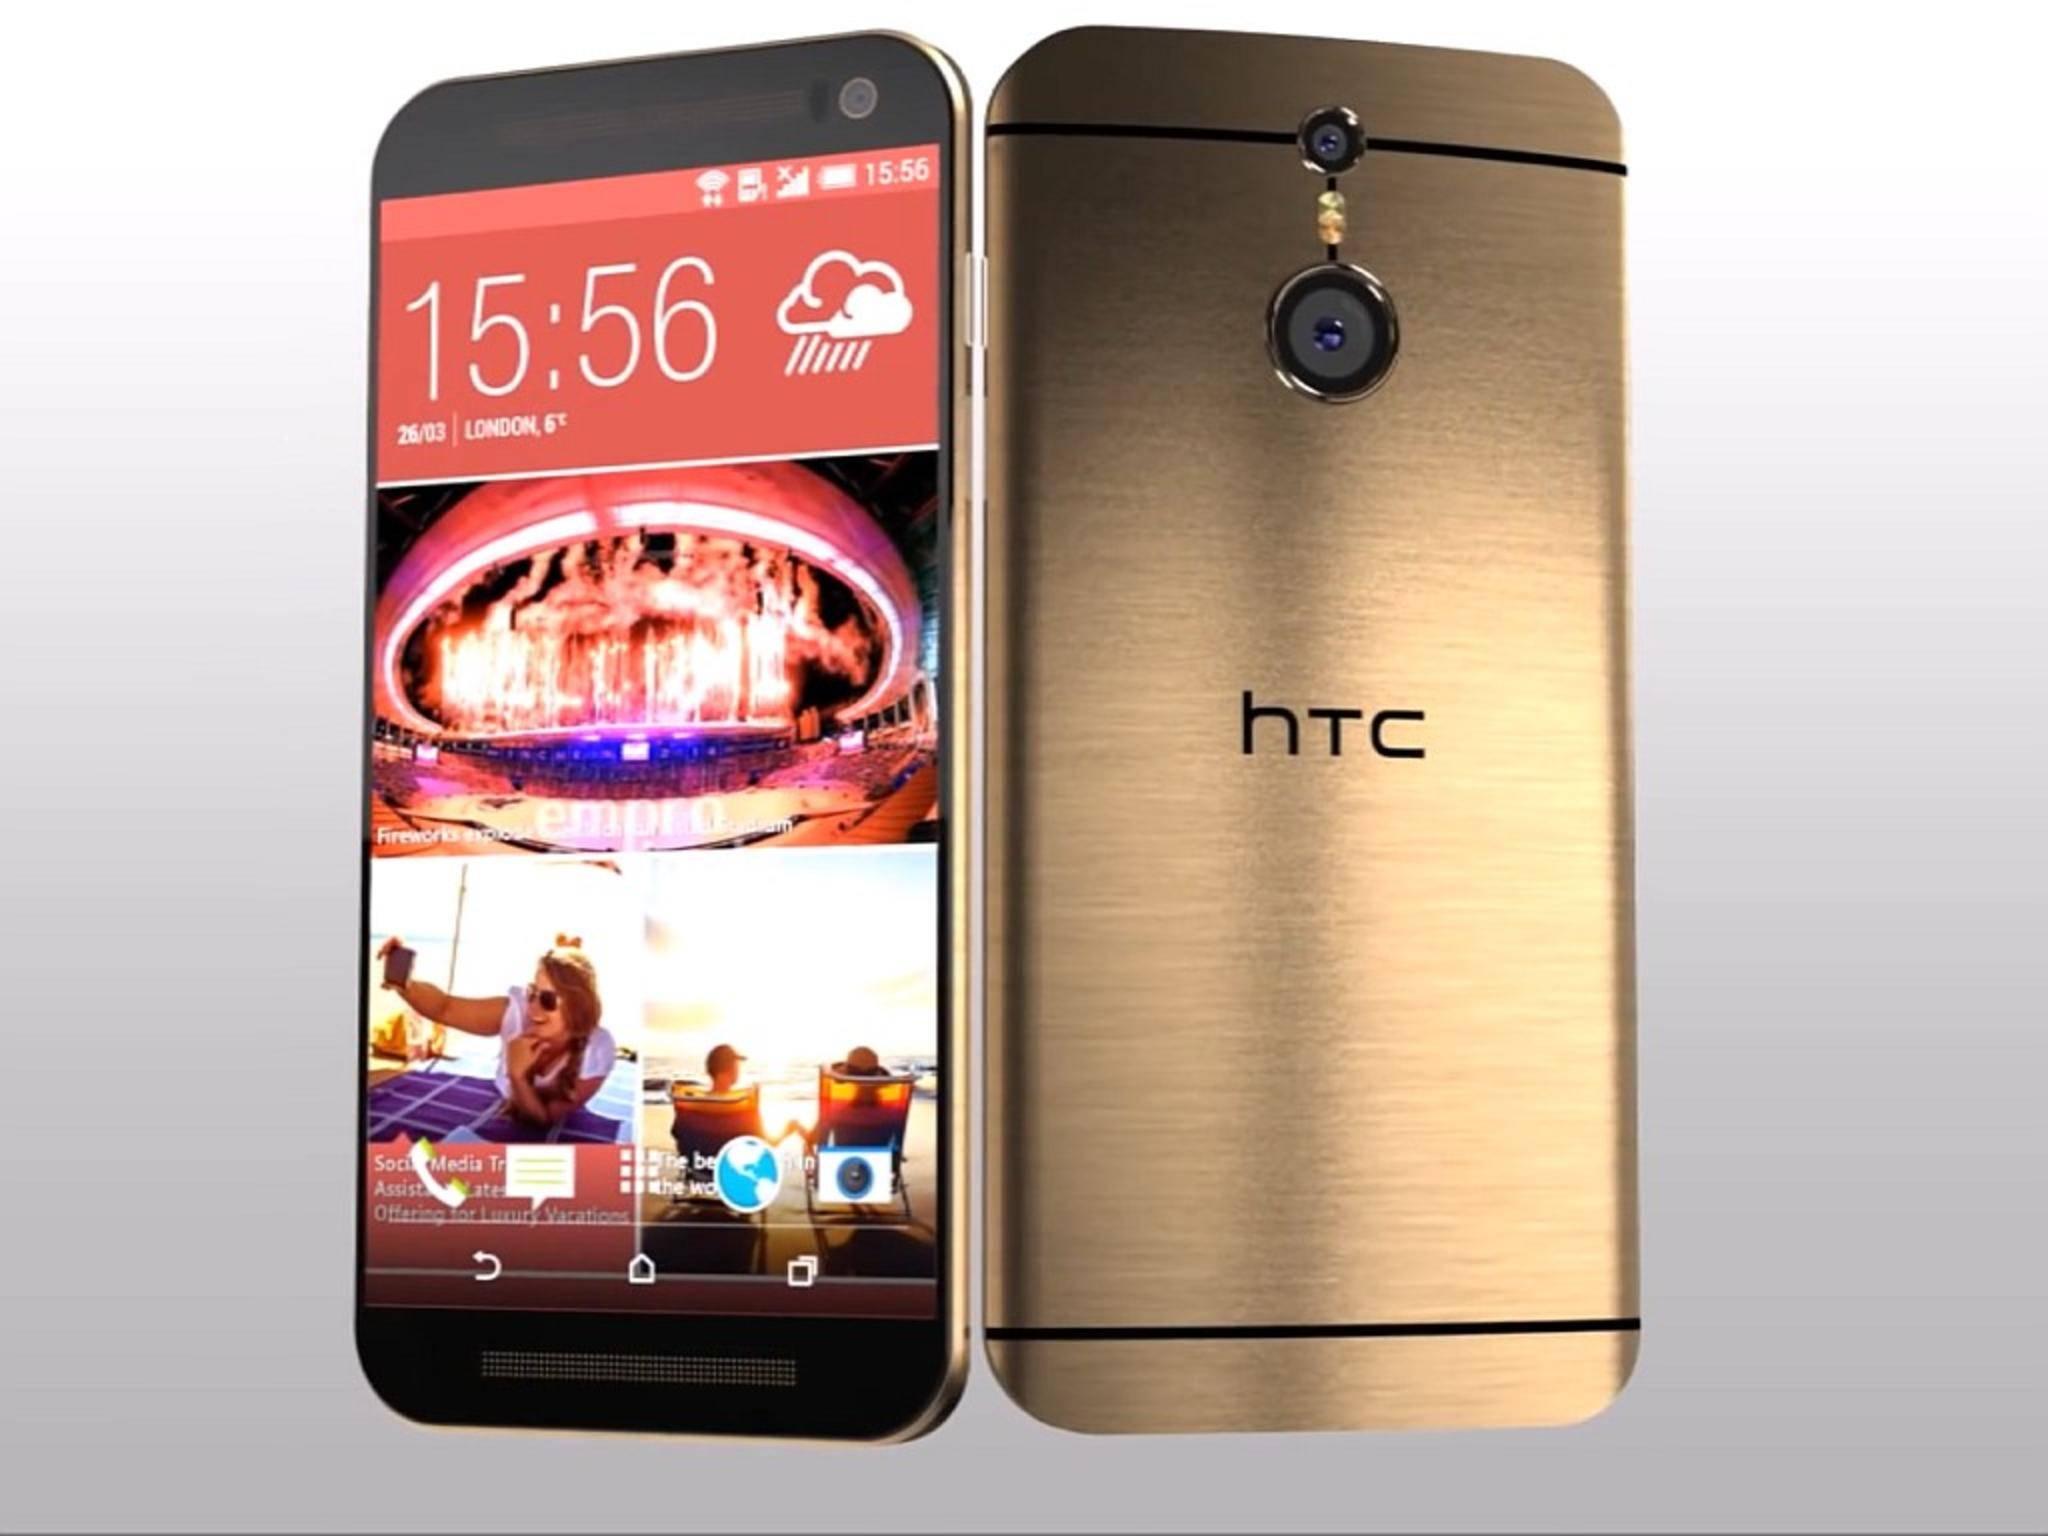 Wie das One M8 soll auch das HTC One M9 in einer Goldvariante auf den Markt kommen.